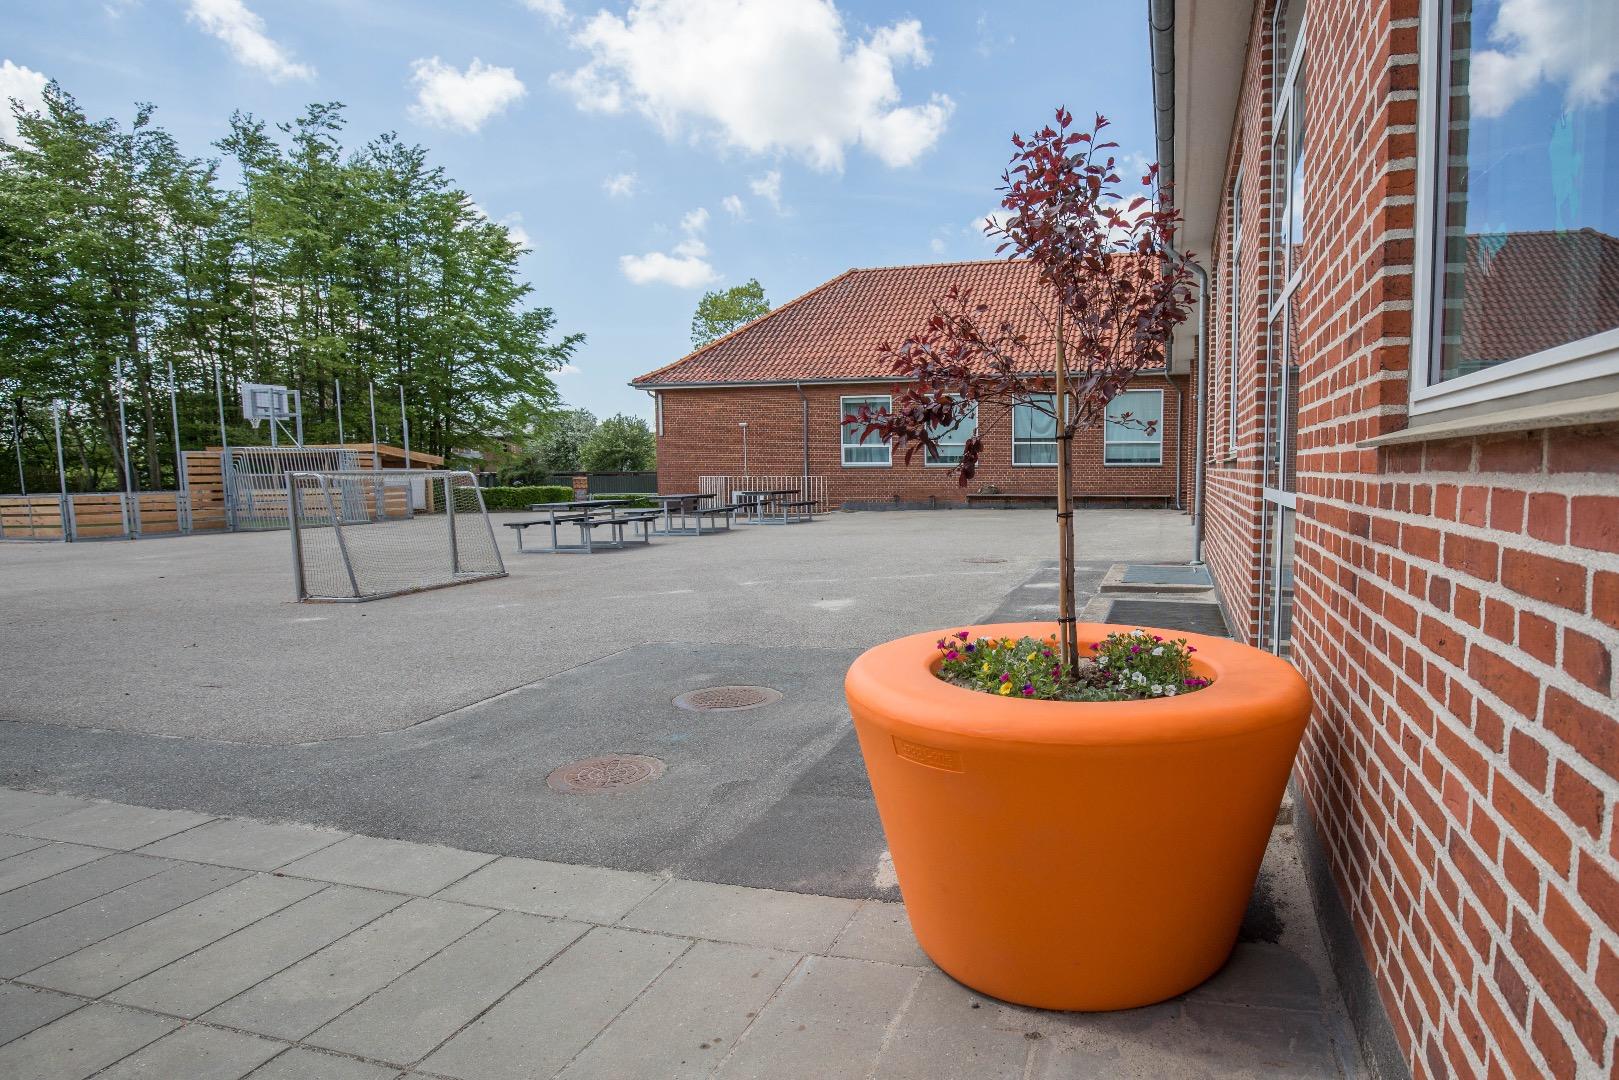 Loop Cone plantenbak geschikt voor scholen en universiteiten